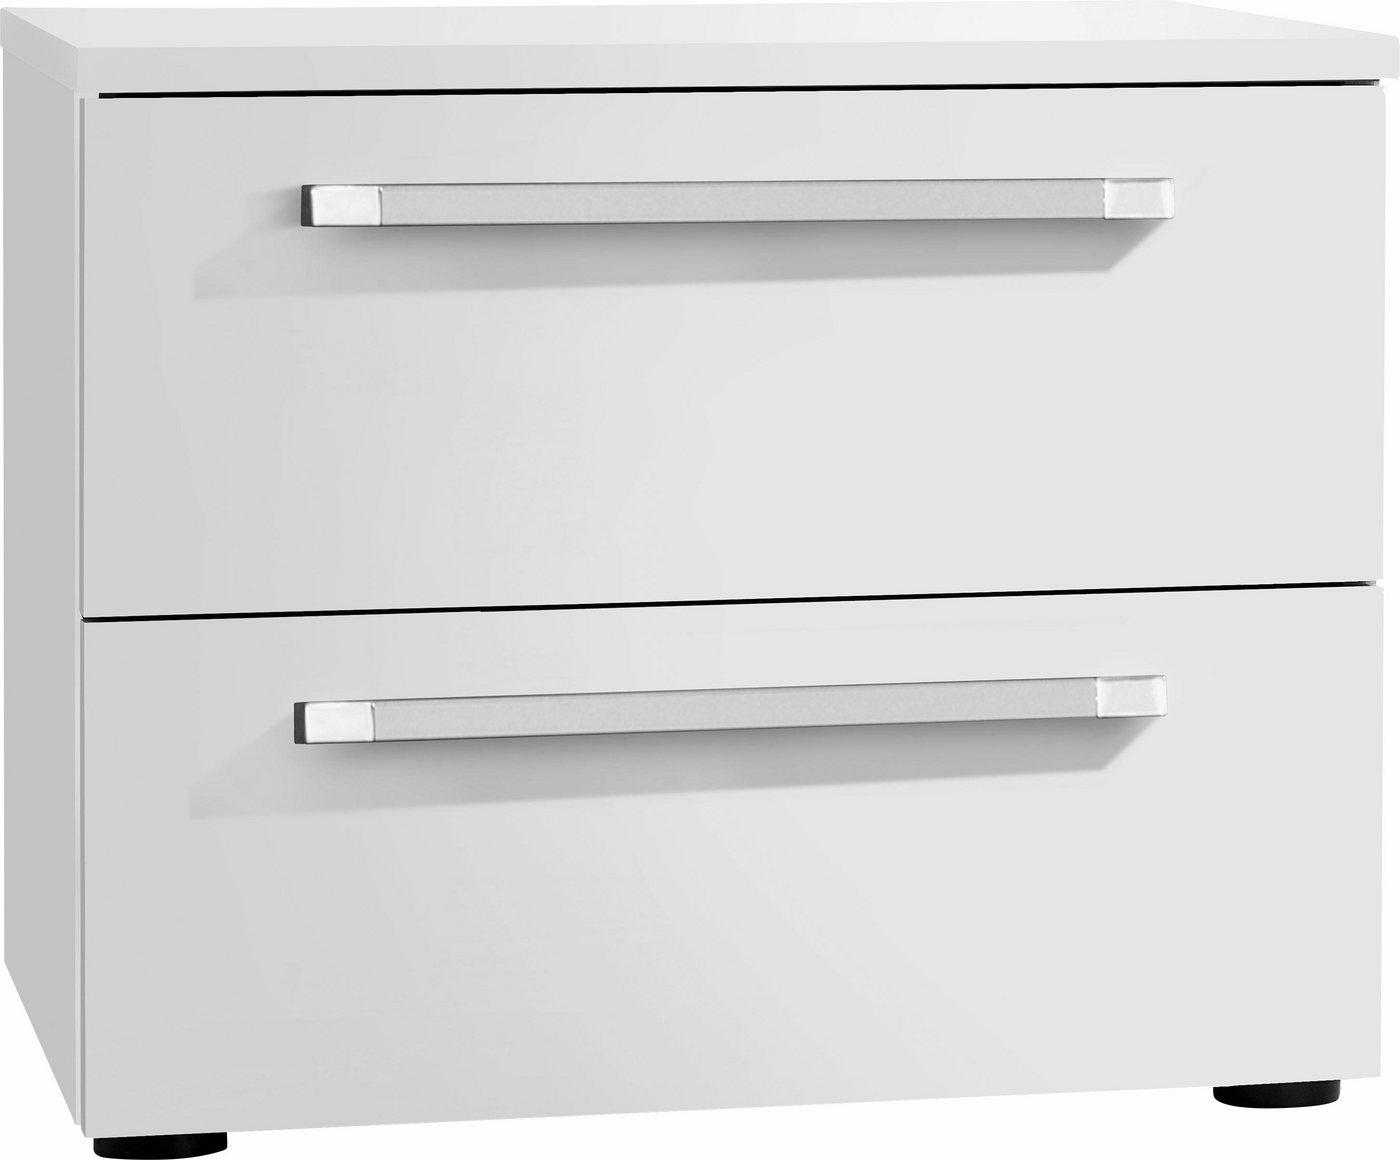 nolte® Möbel Nachttisch»Alegro Basic«, Breite 50 cm | Schlafzimmer > Nachttische | Weiß | nolte® Möbel